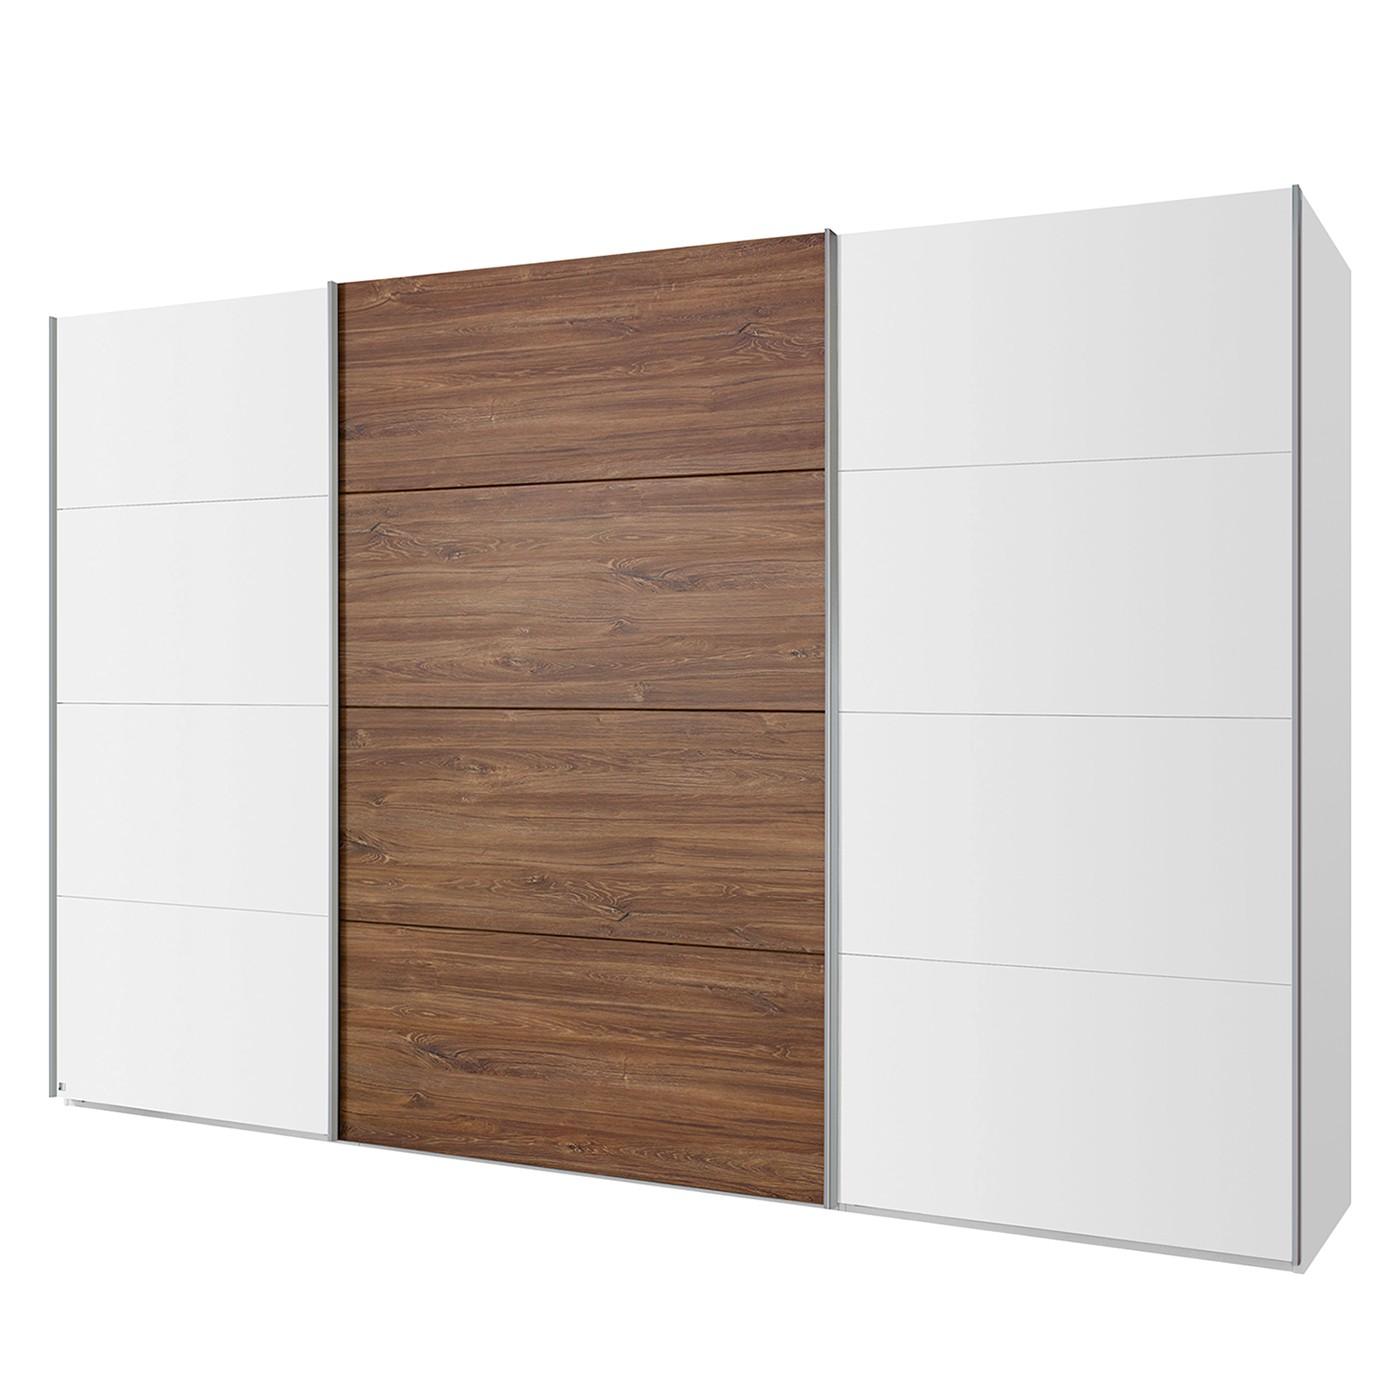 aa72 Zweefdeurkast Skop 405cm 3 deurs 236cm Comfort Skop